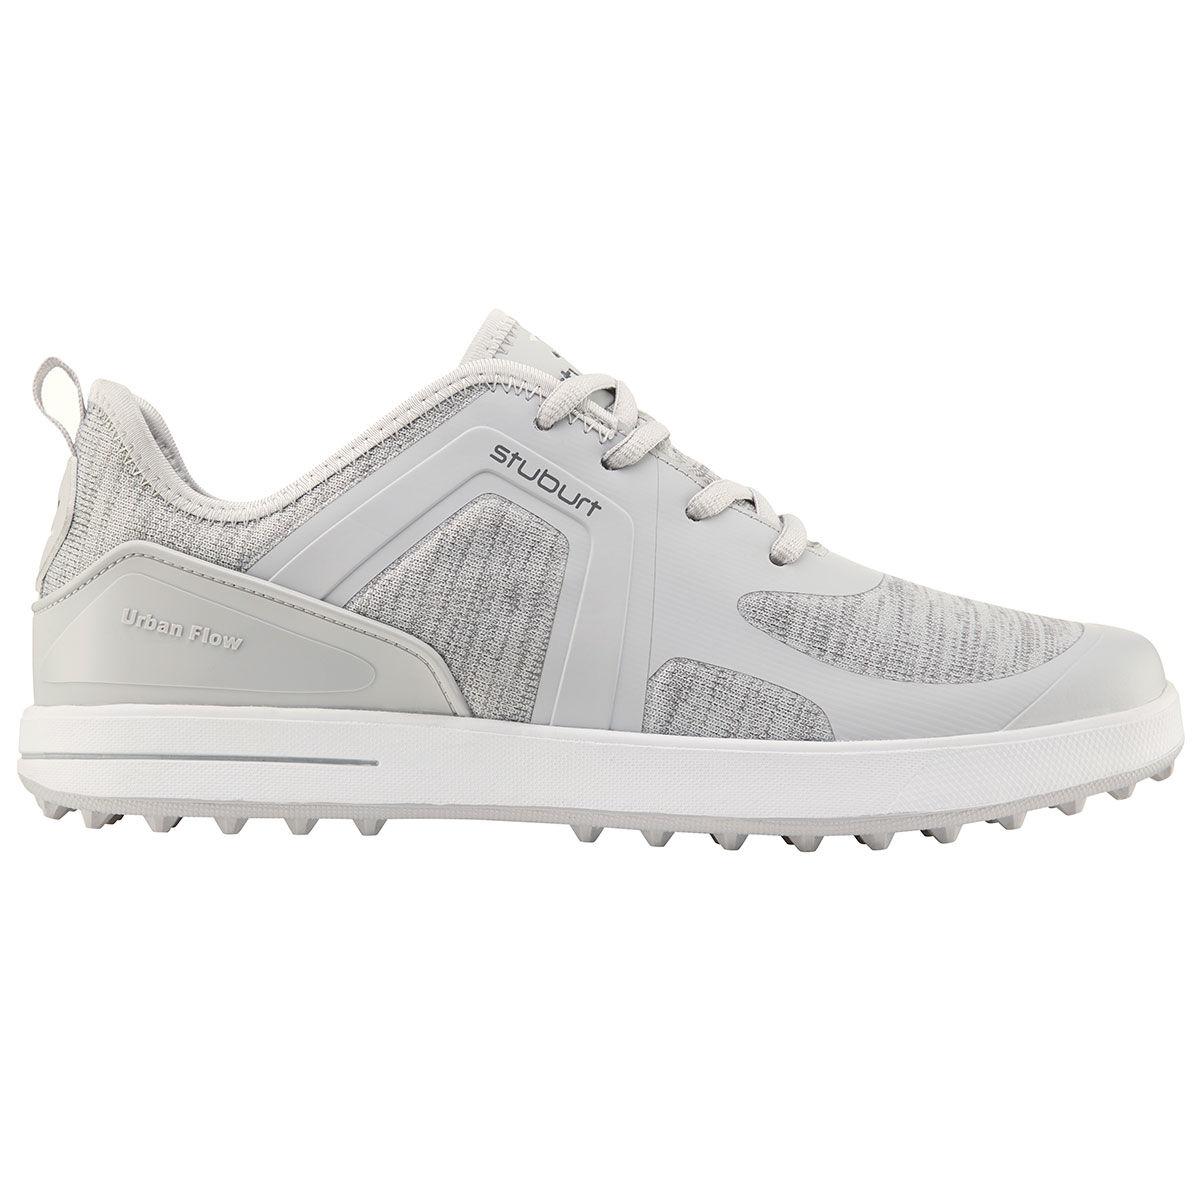 Stuburt Urban Flow Spikeless Shoes from